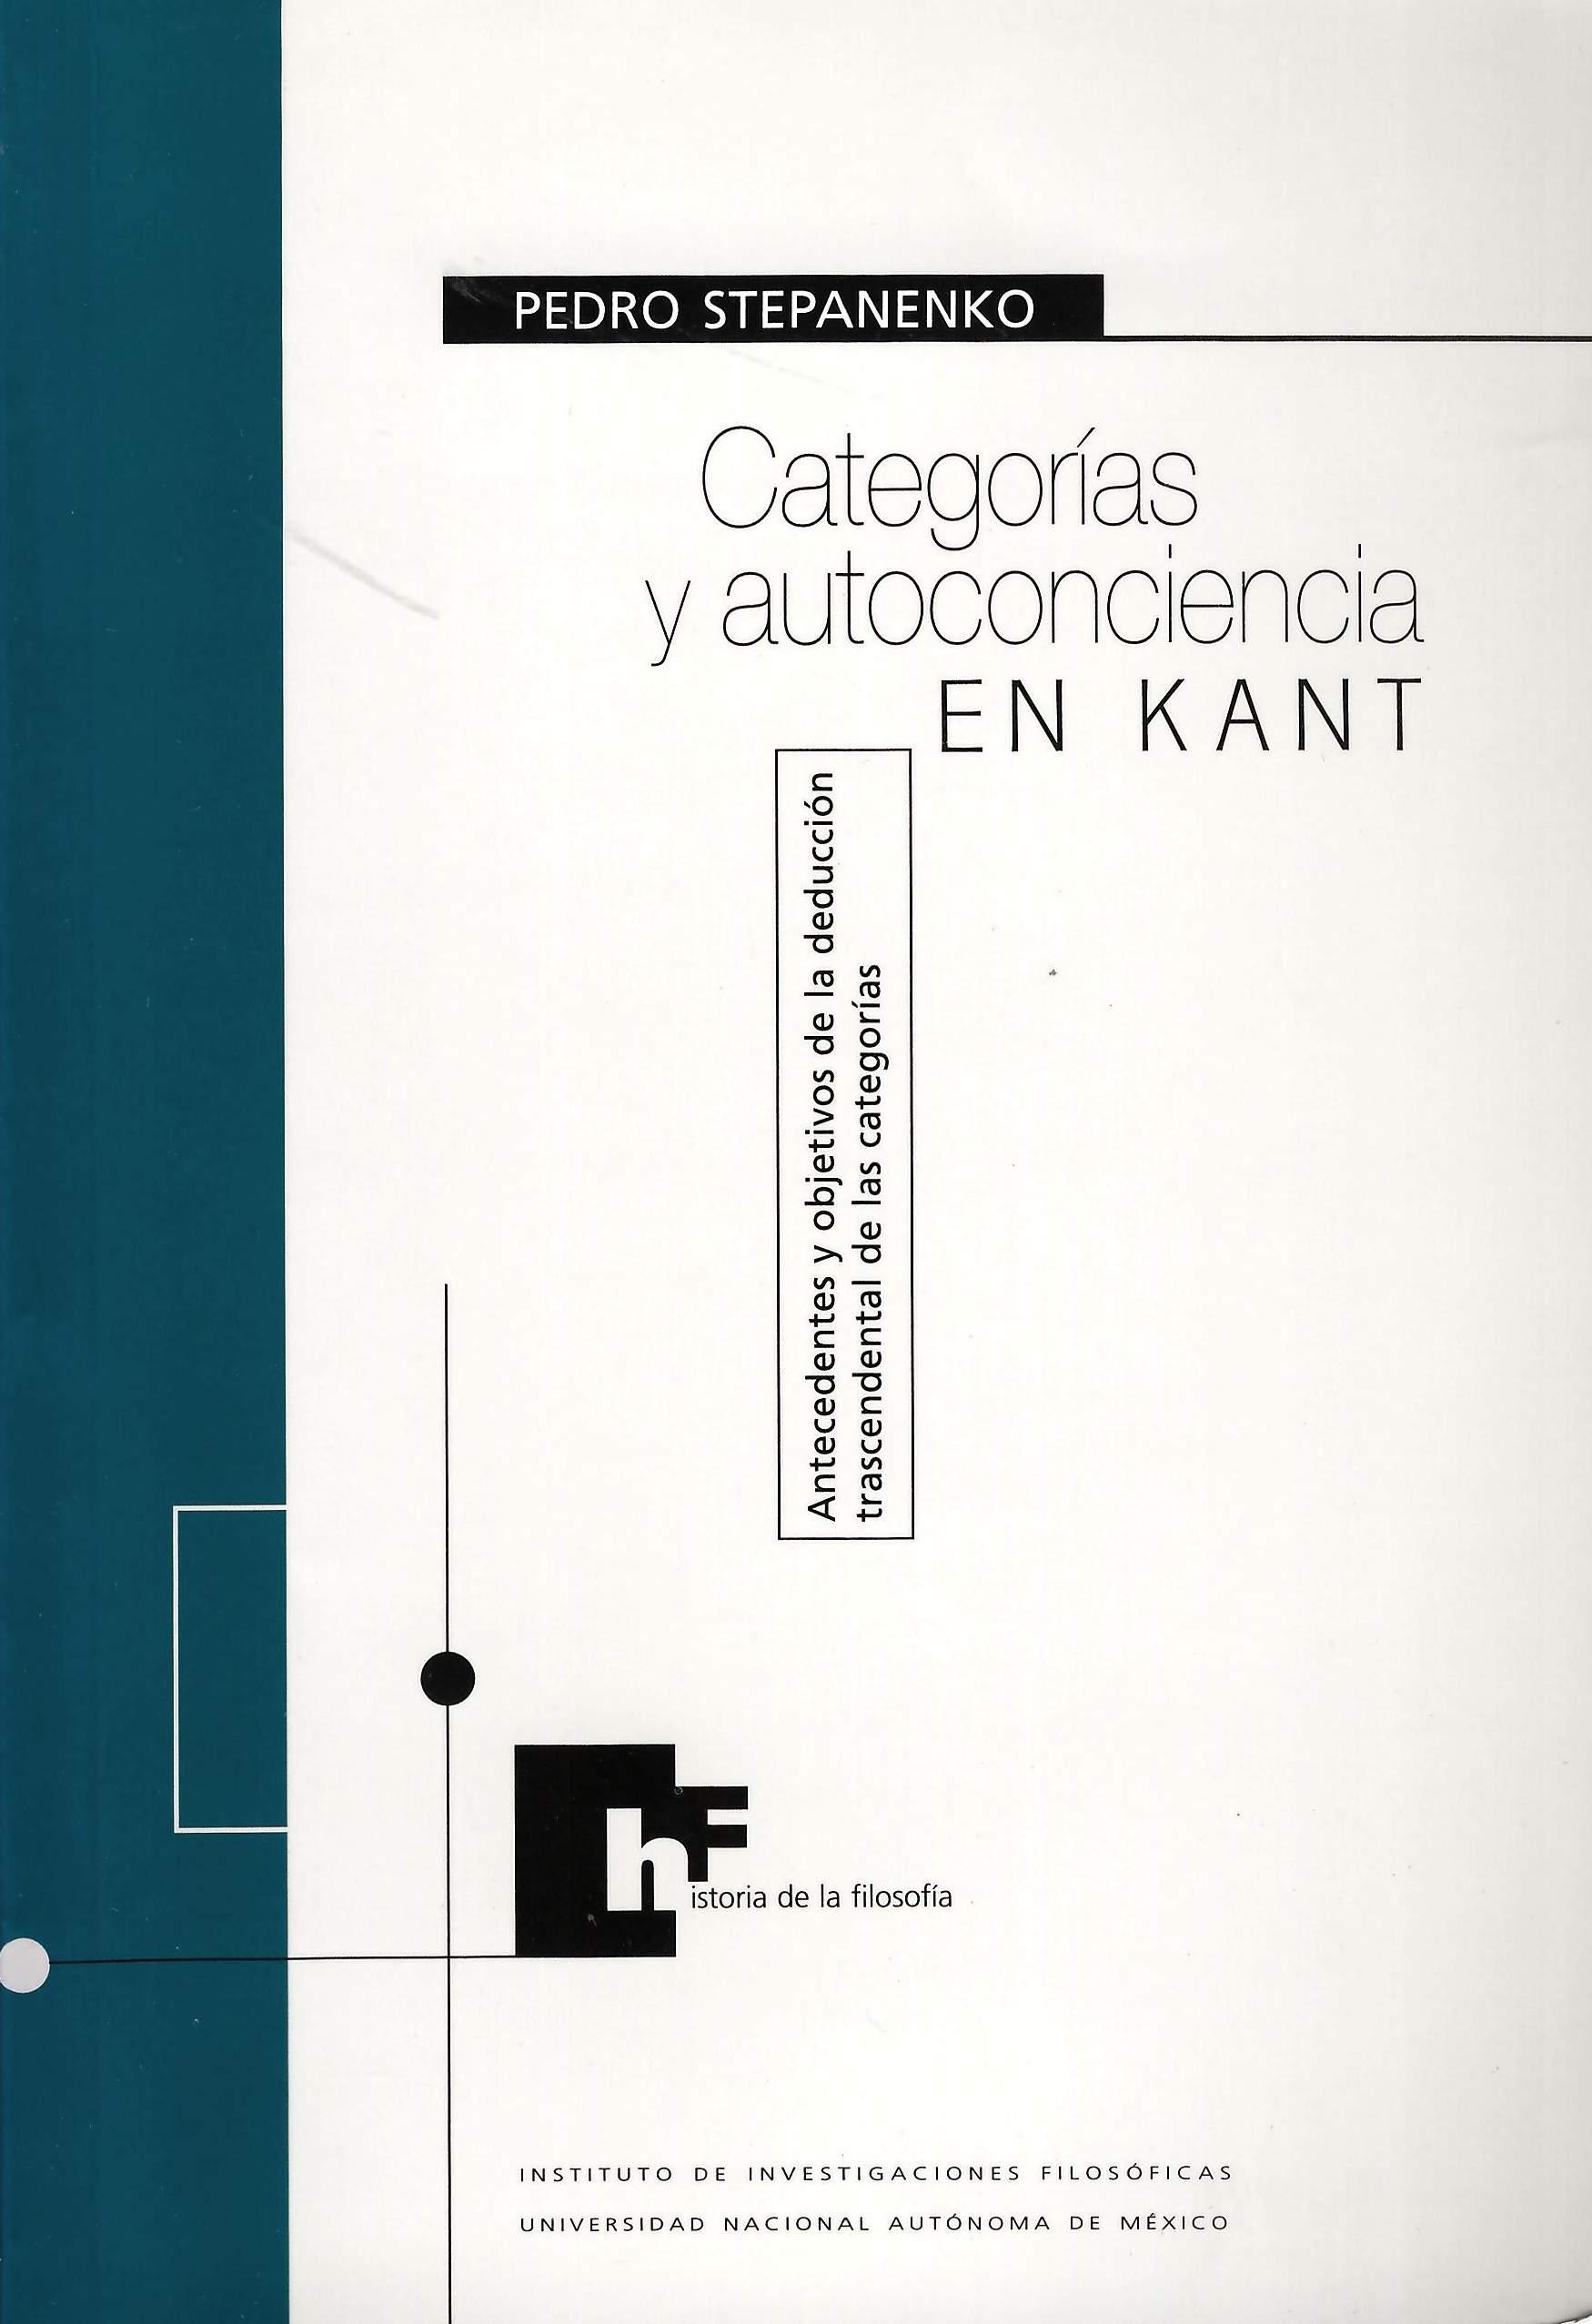 Categorías y autoconciencia en Kant. Antecedentes y objetivos de la deducción trascendental de las categorías